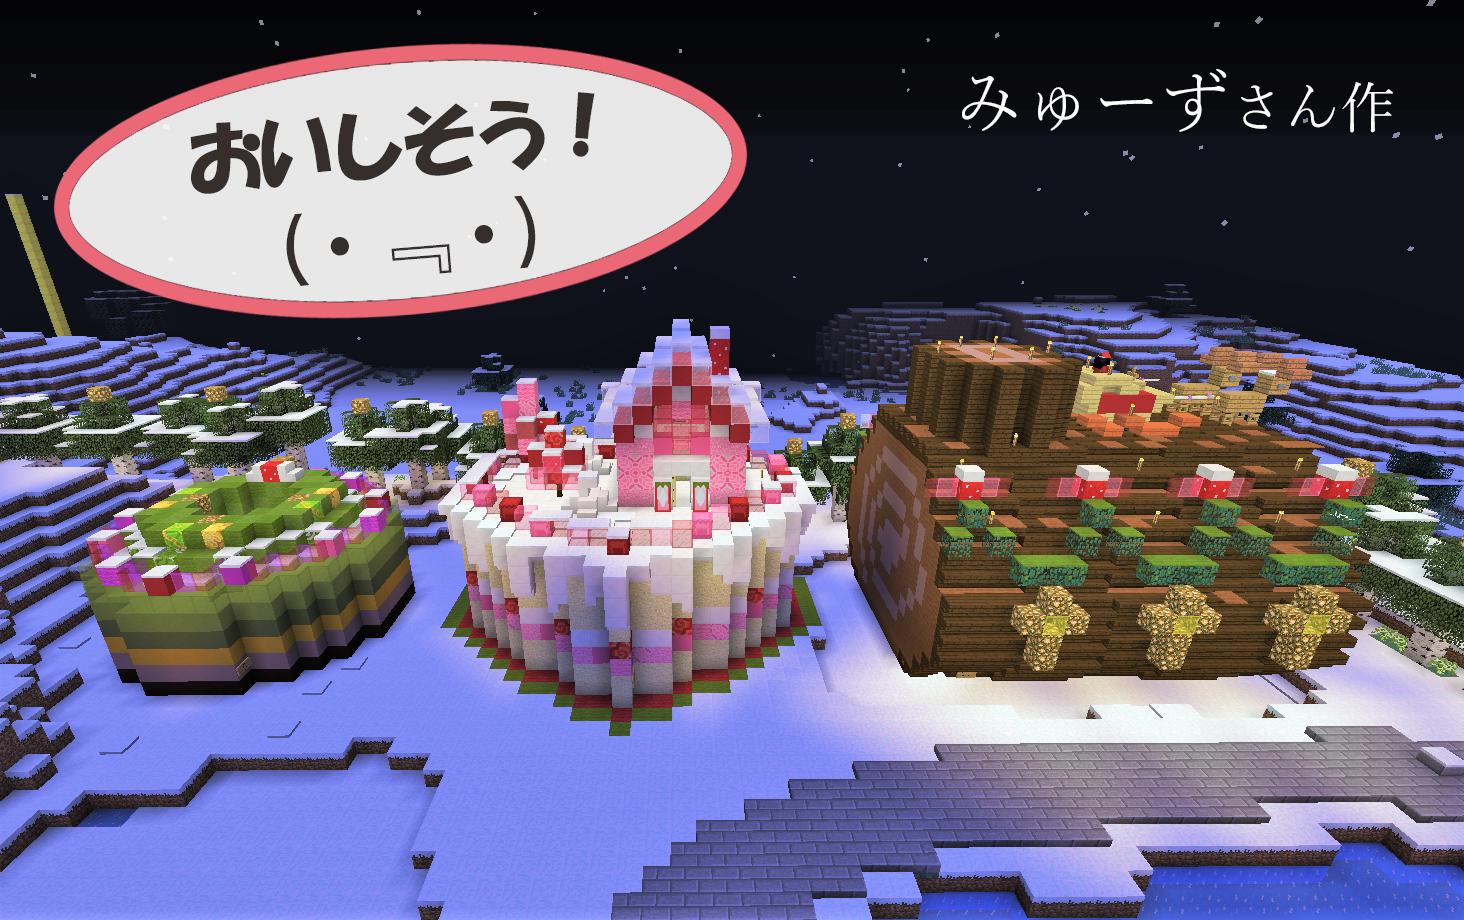 みゅーずさんのケーキ.png